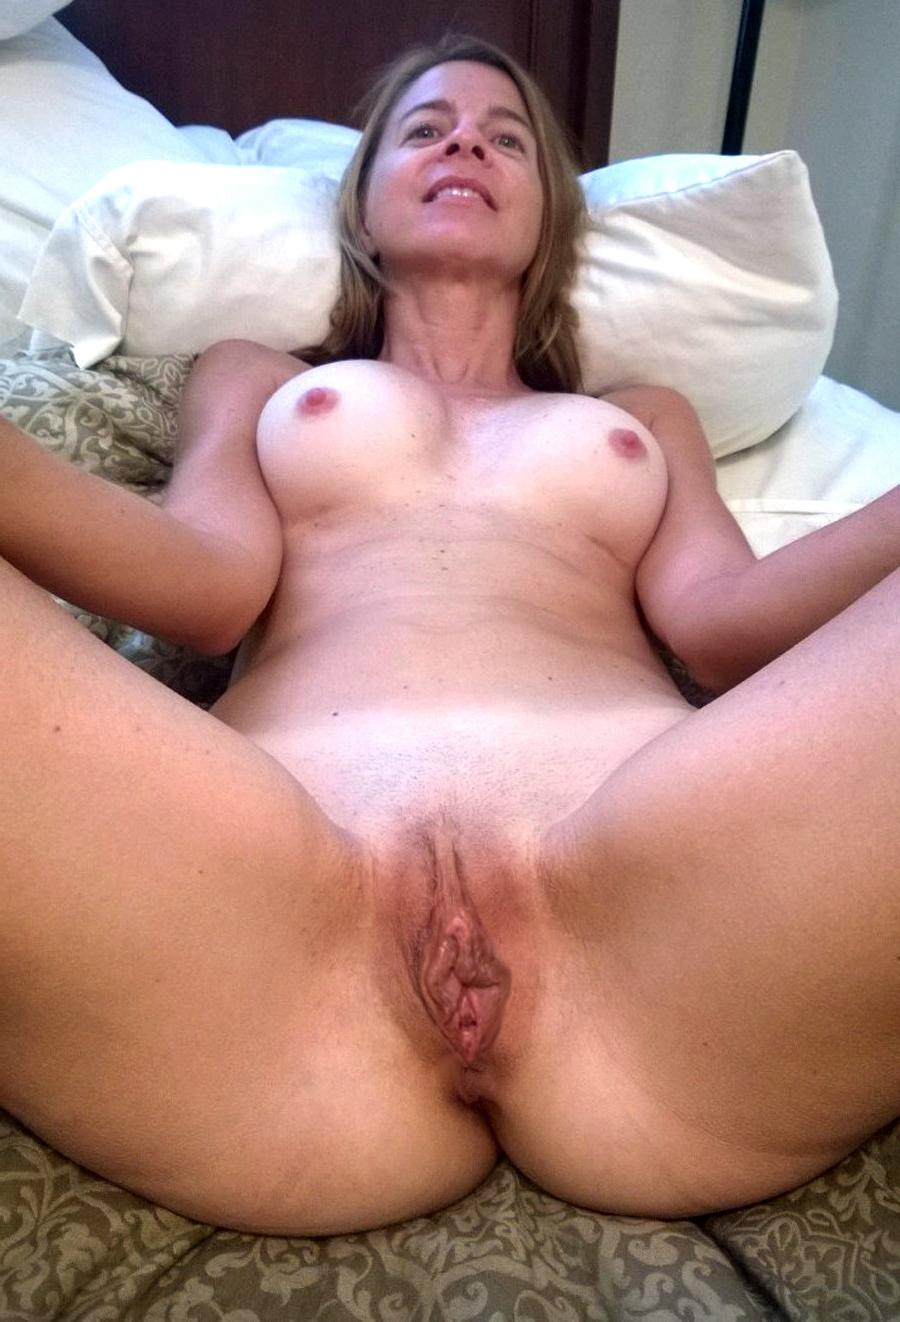 Real amateur porn cumshots